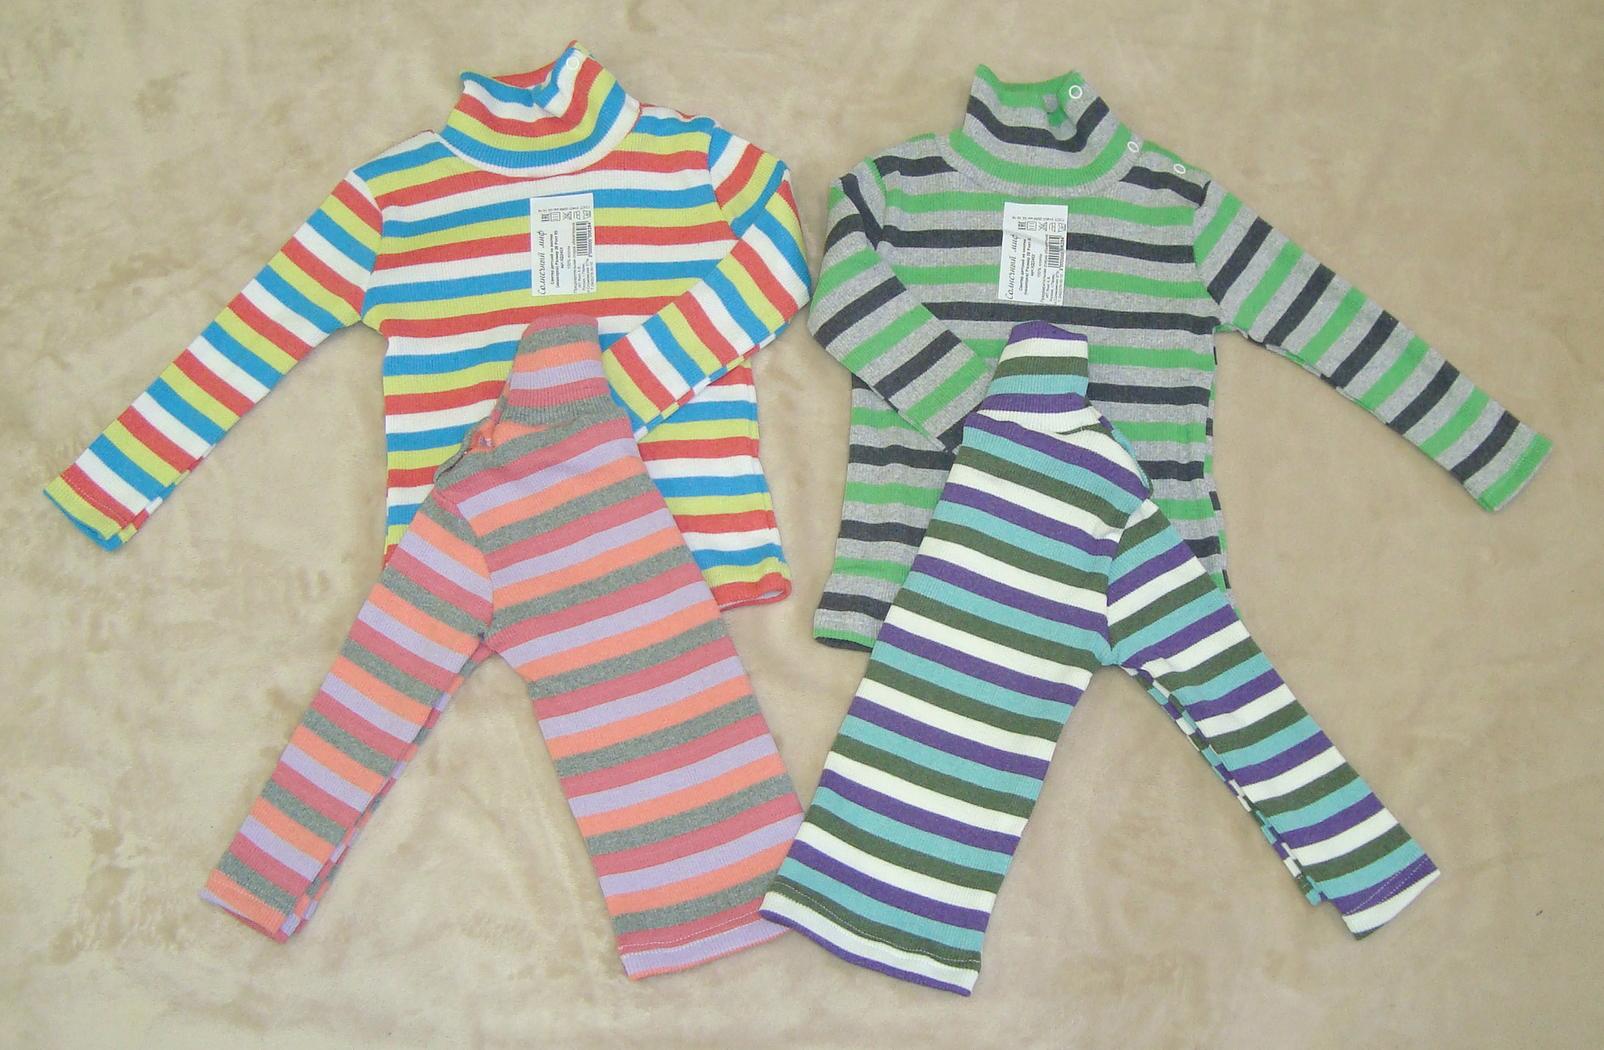 Солнечный миф.Бюджетная одежда для детей с рождения.Водолазки от 150 руб,теплые флисовые комбинезоны от 351 руб, термобелье от 240 руб и многое другое.Выкуп 9.